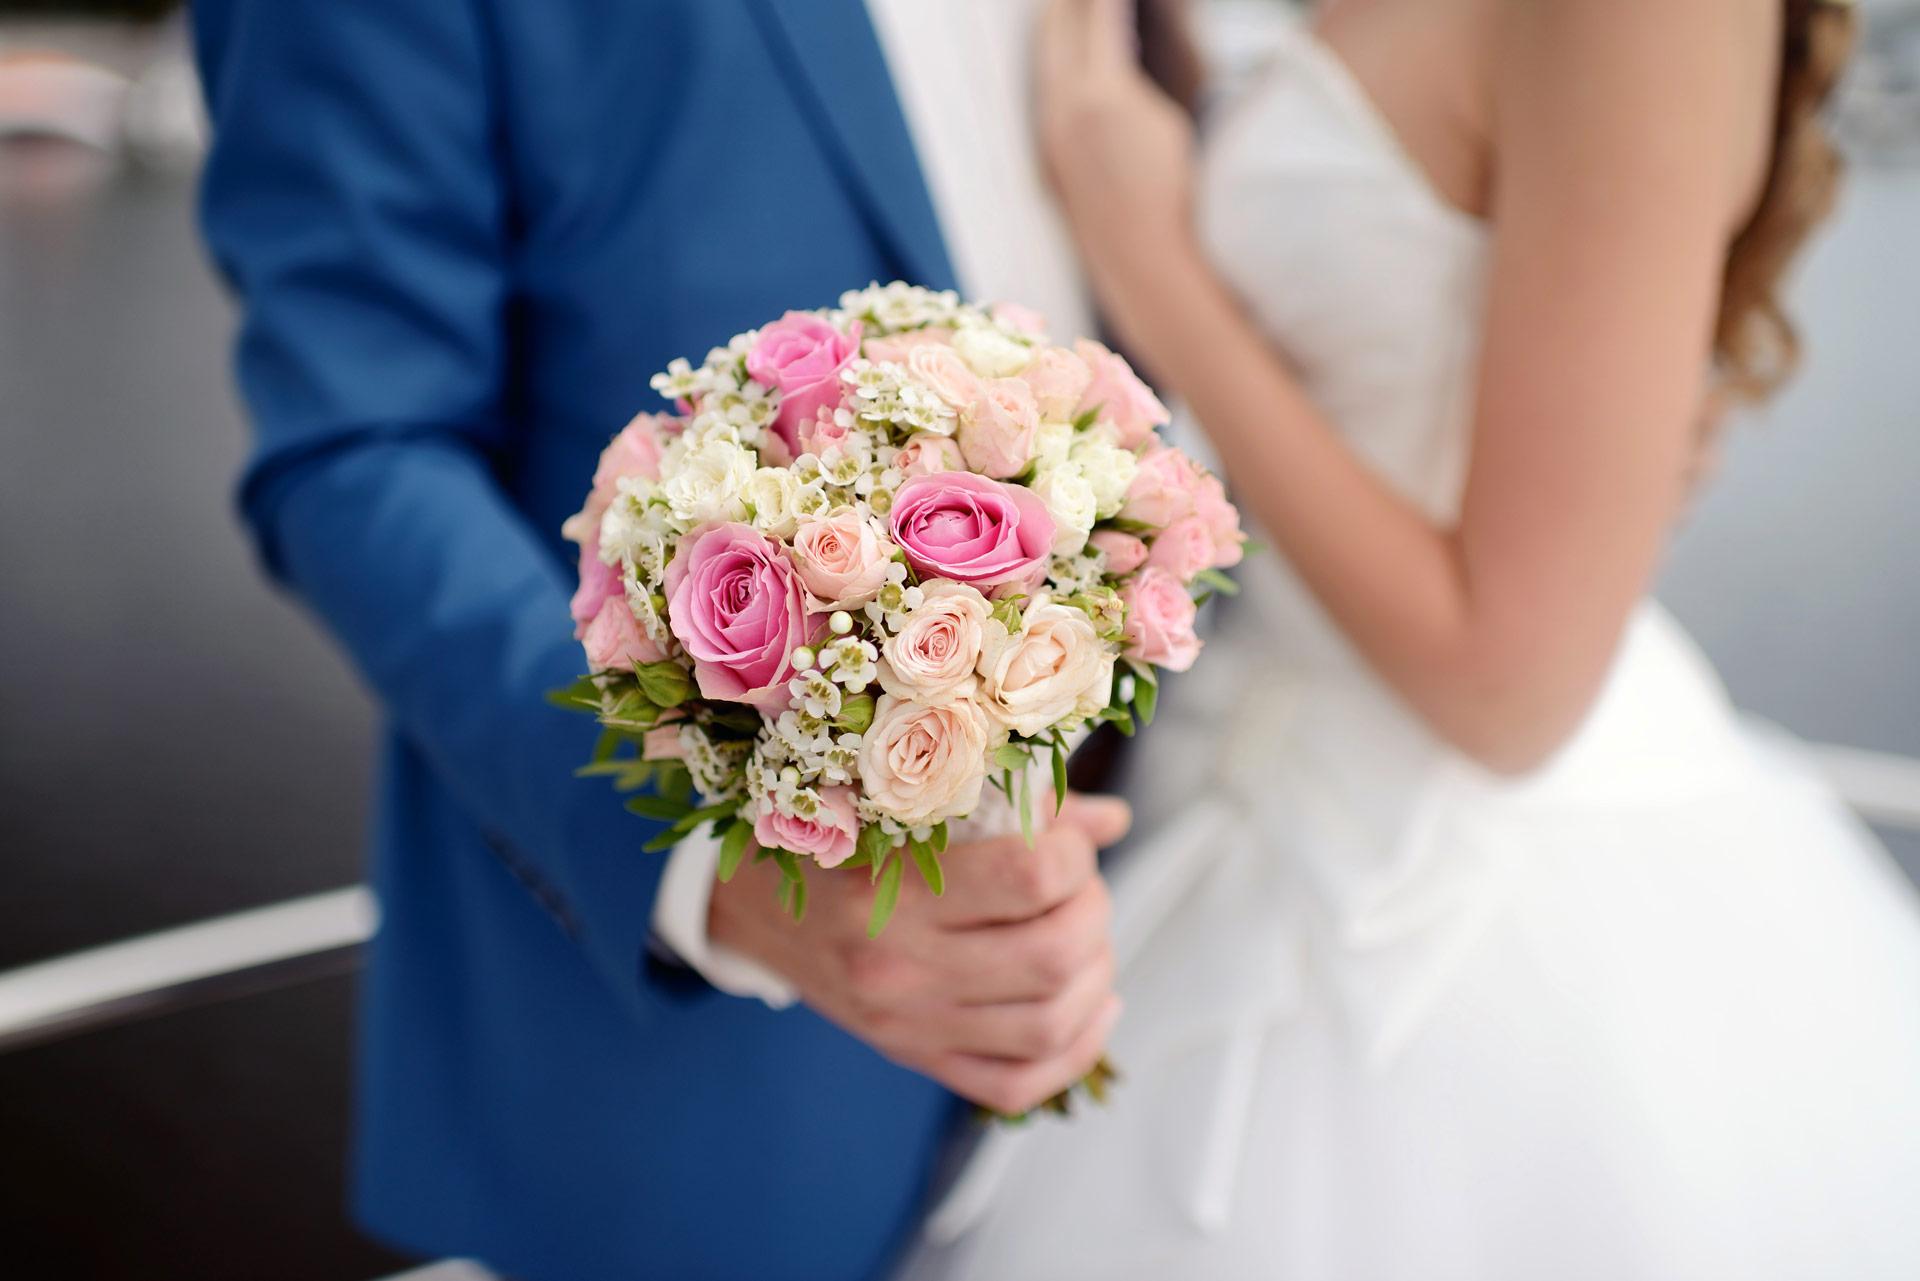 لیست مهم ترین کارهایی که باید قبل از عروسی انجام دهید